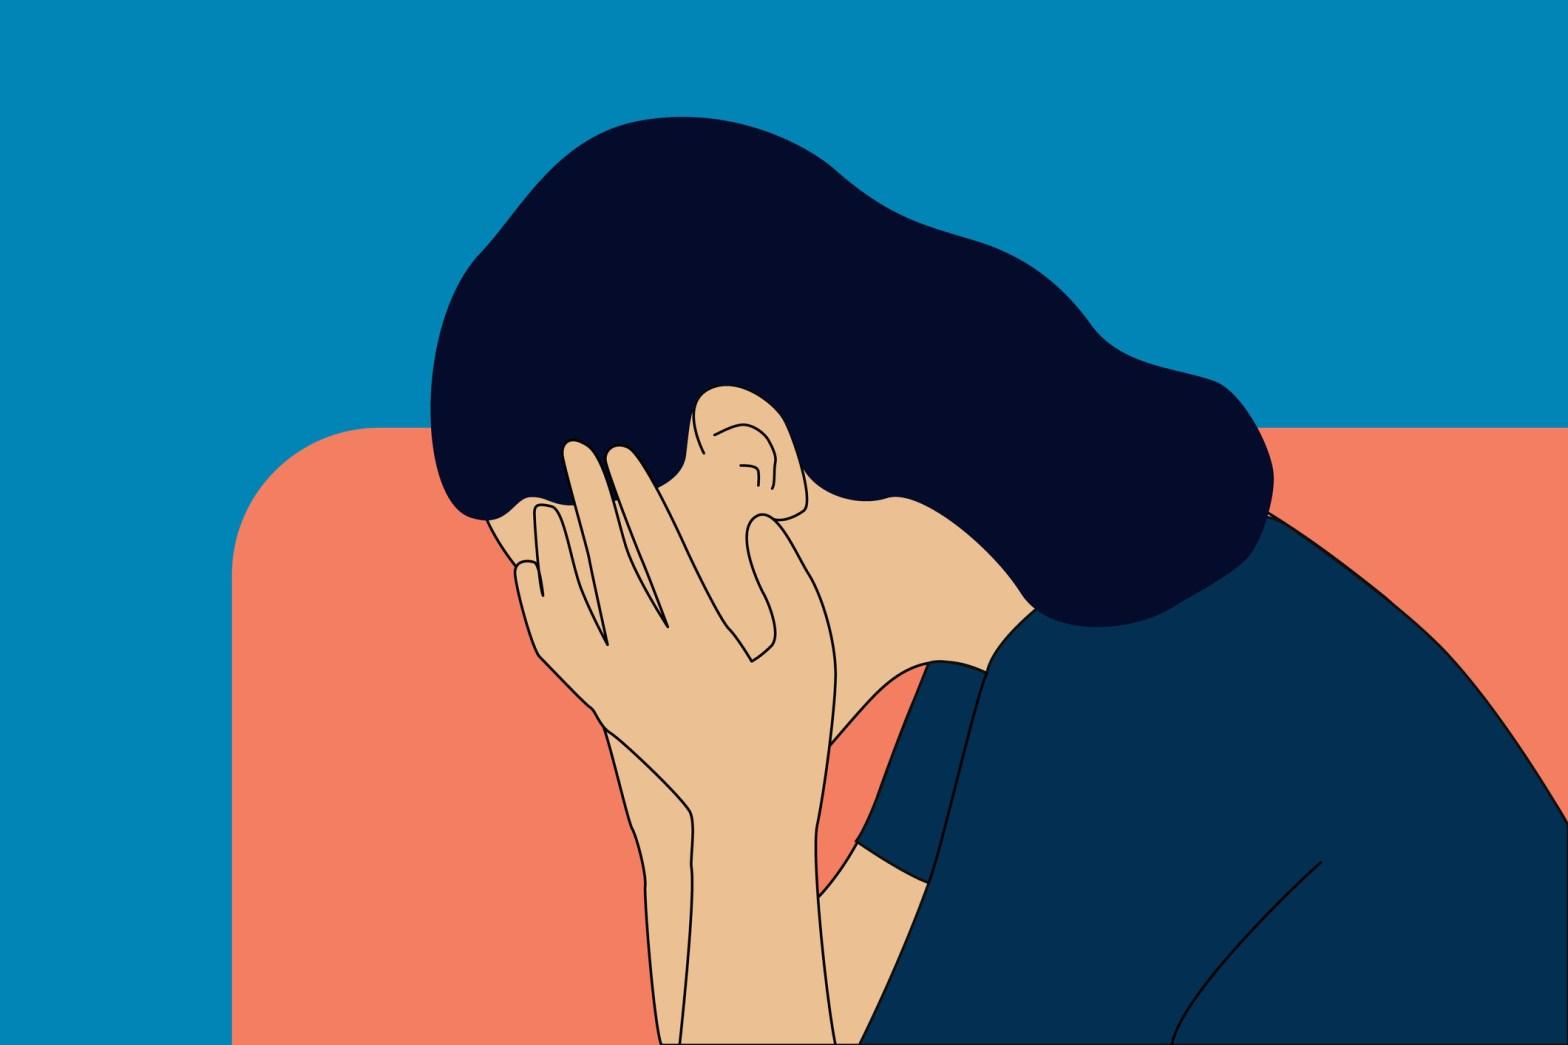 tristete, durere, trauma simbiotica trauma iubire